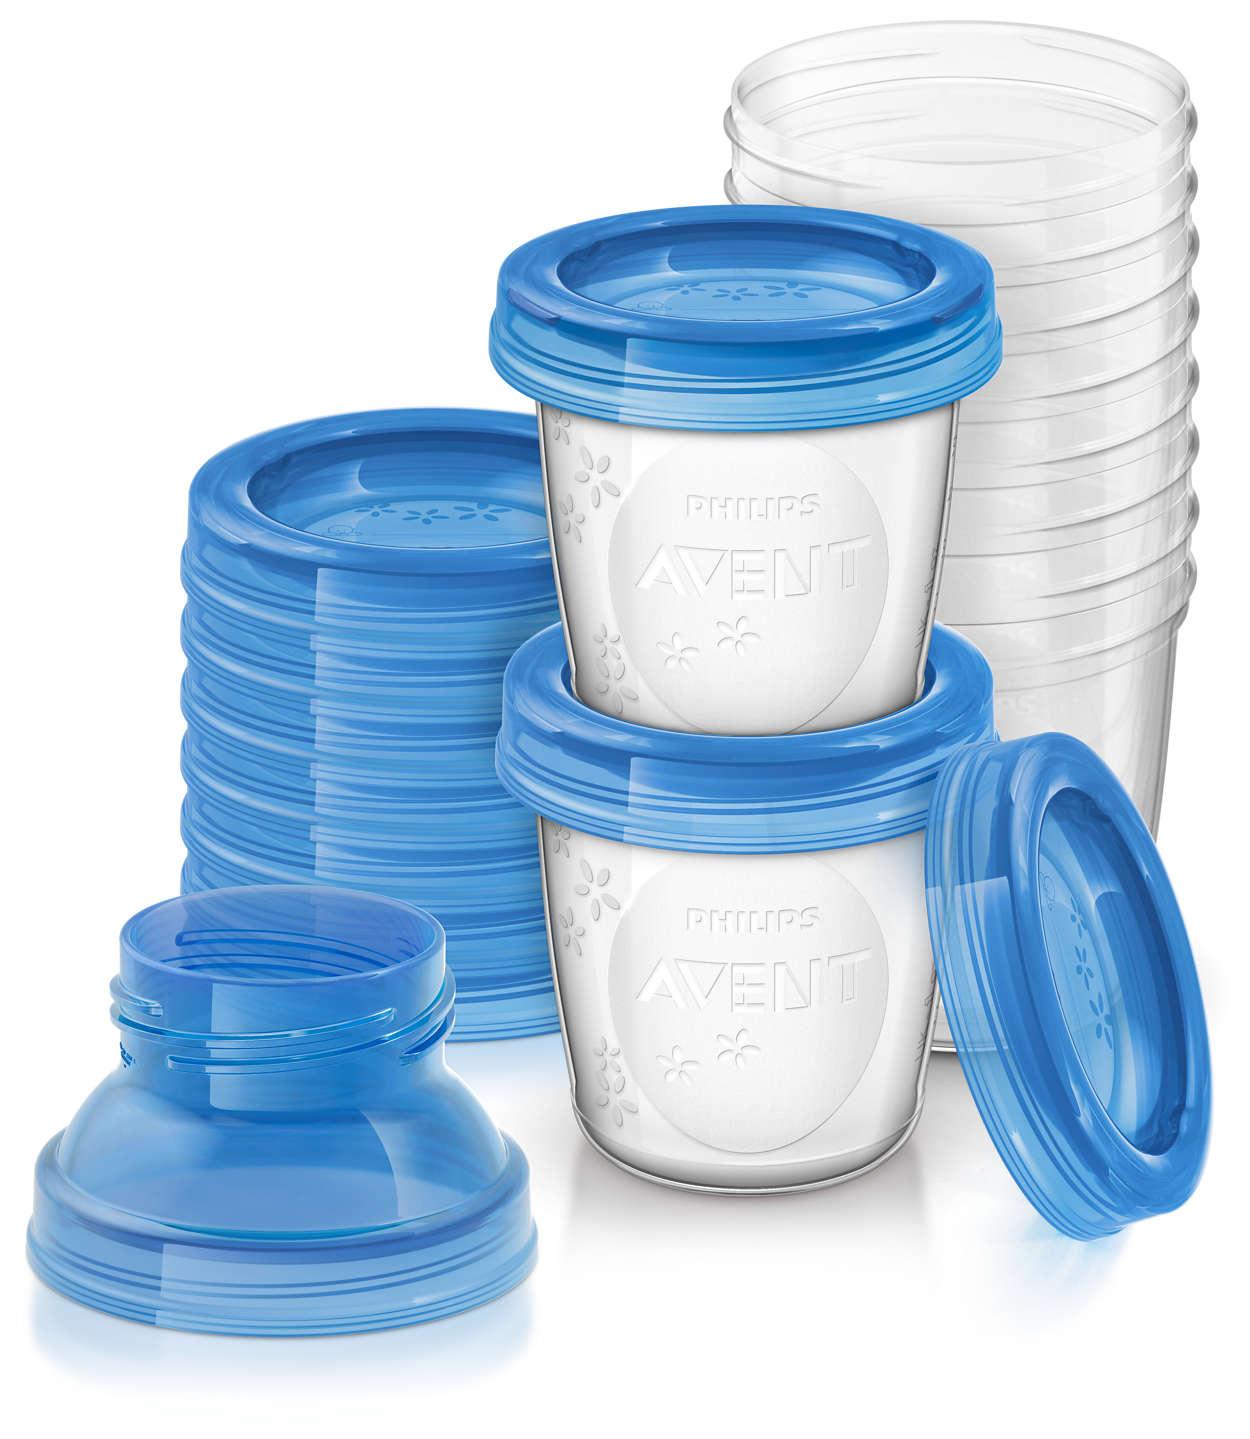 Avent VIA zásobníky na mateřské mléko 10 ks + VIA adaptér 2x